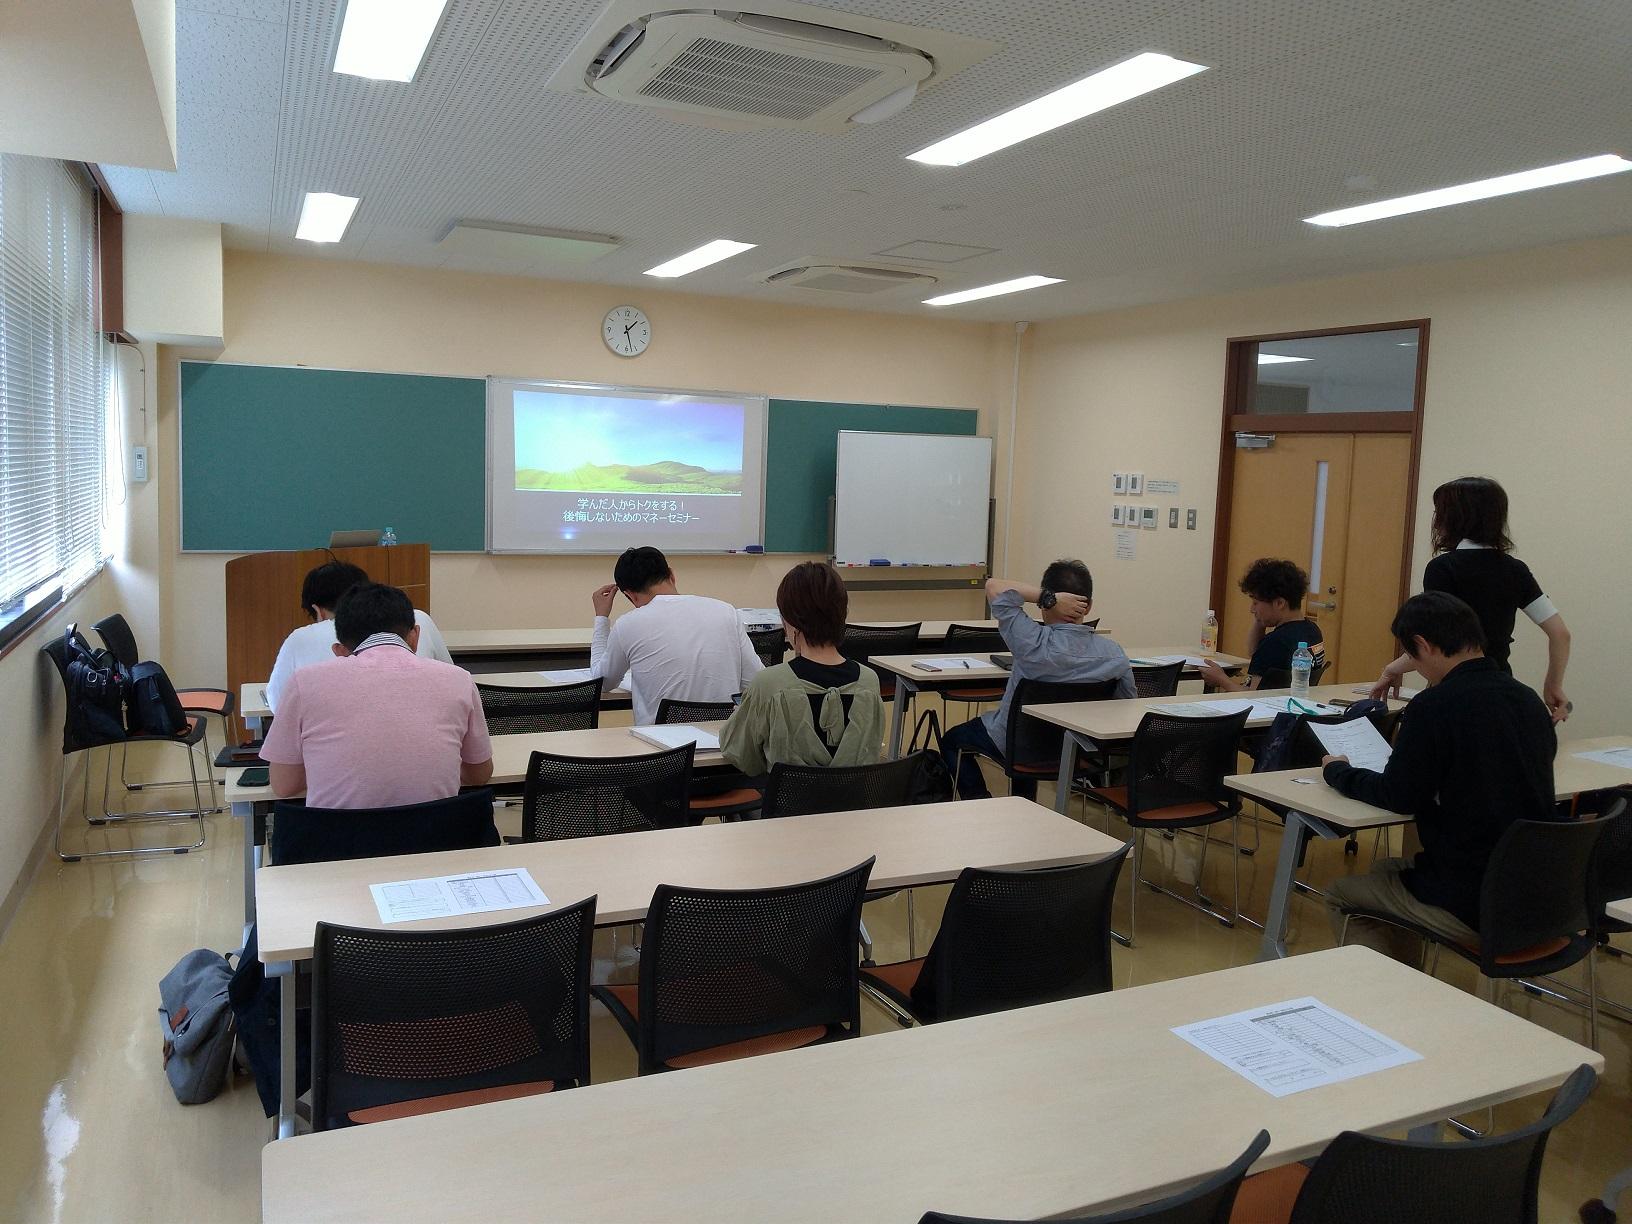 実践派FPが話す「未来に備えるマネー塾」開催@松本